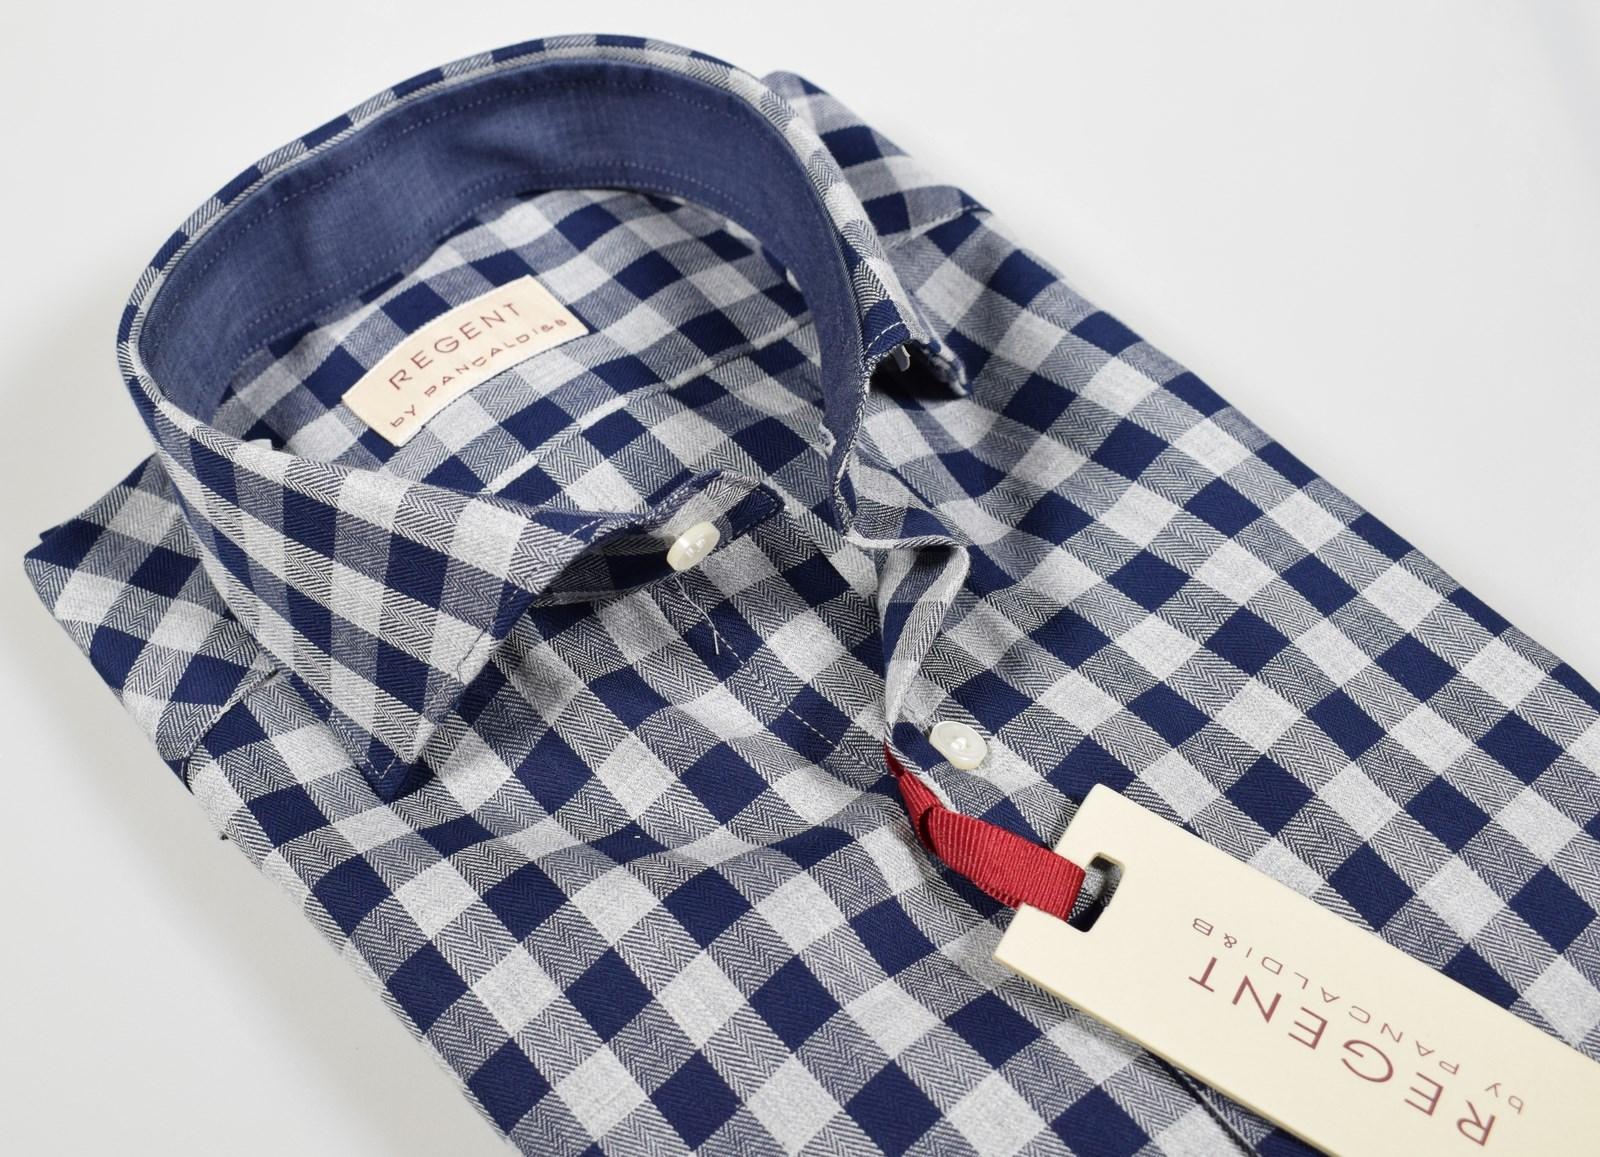 the latest 8db92 69bde Camicia moda uomo slim fit Pancaldi a quadri blu e grigio ...